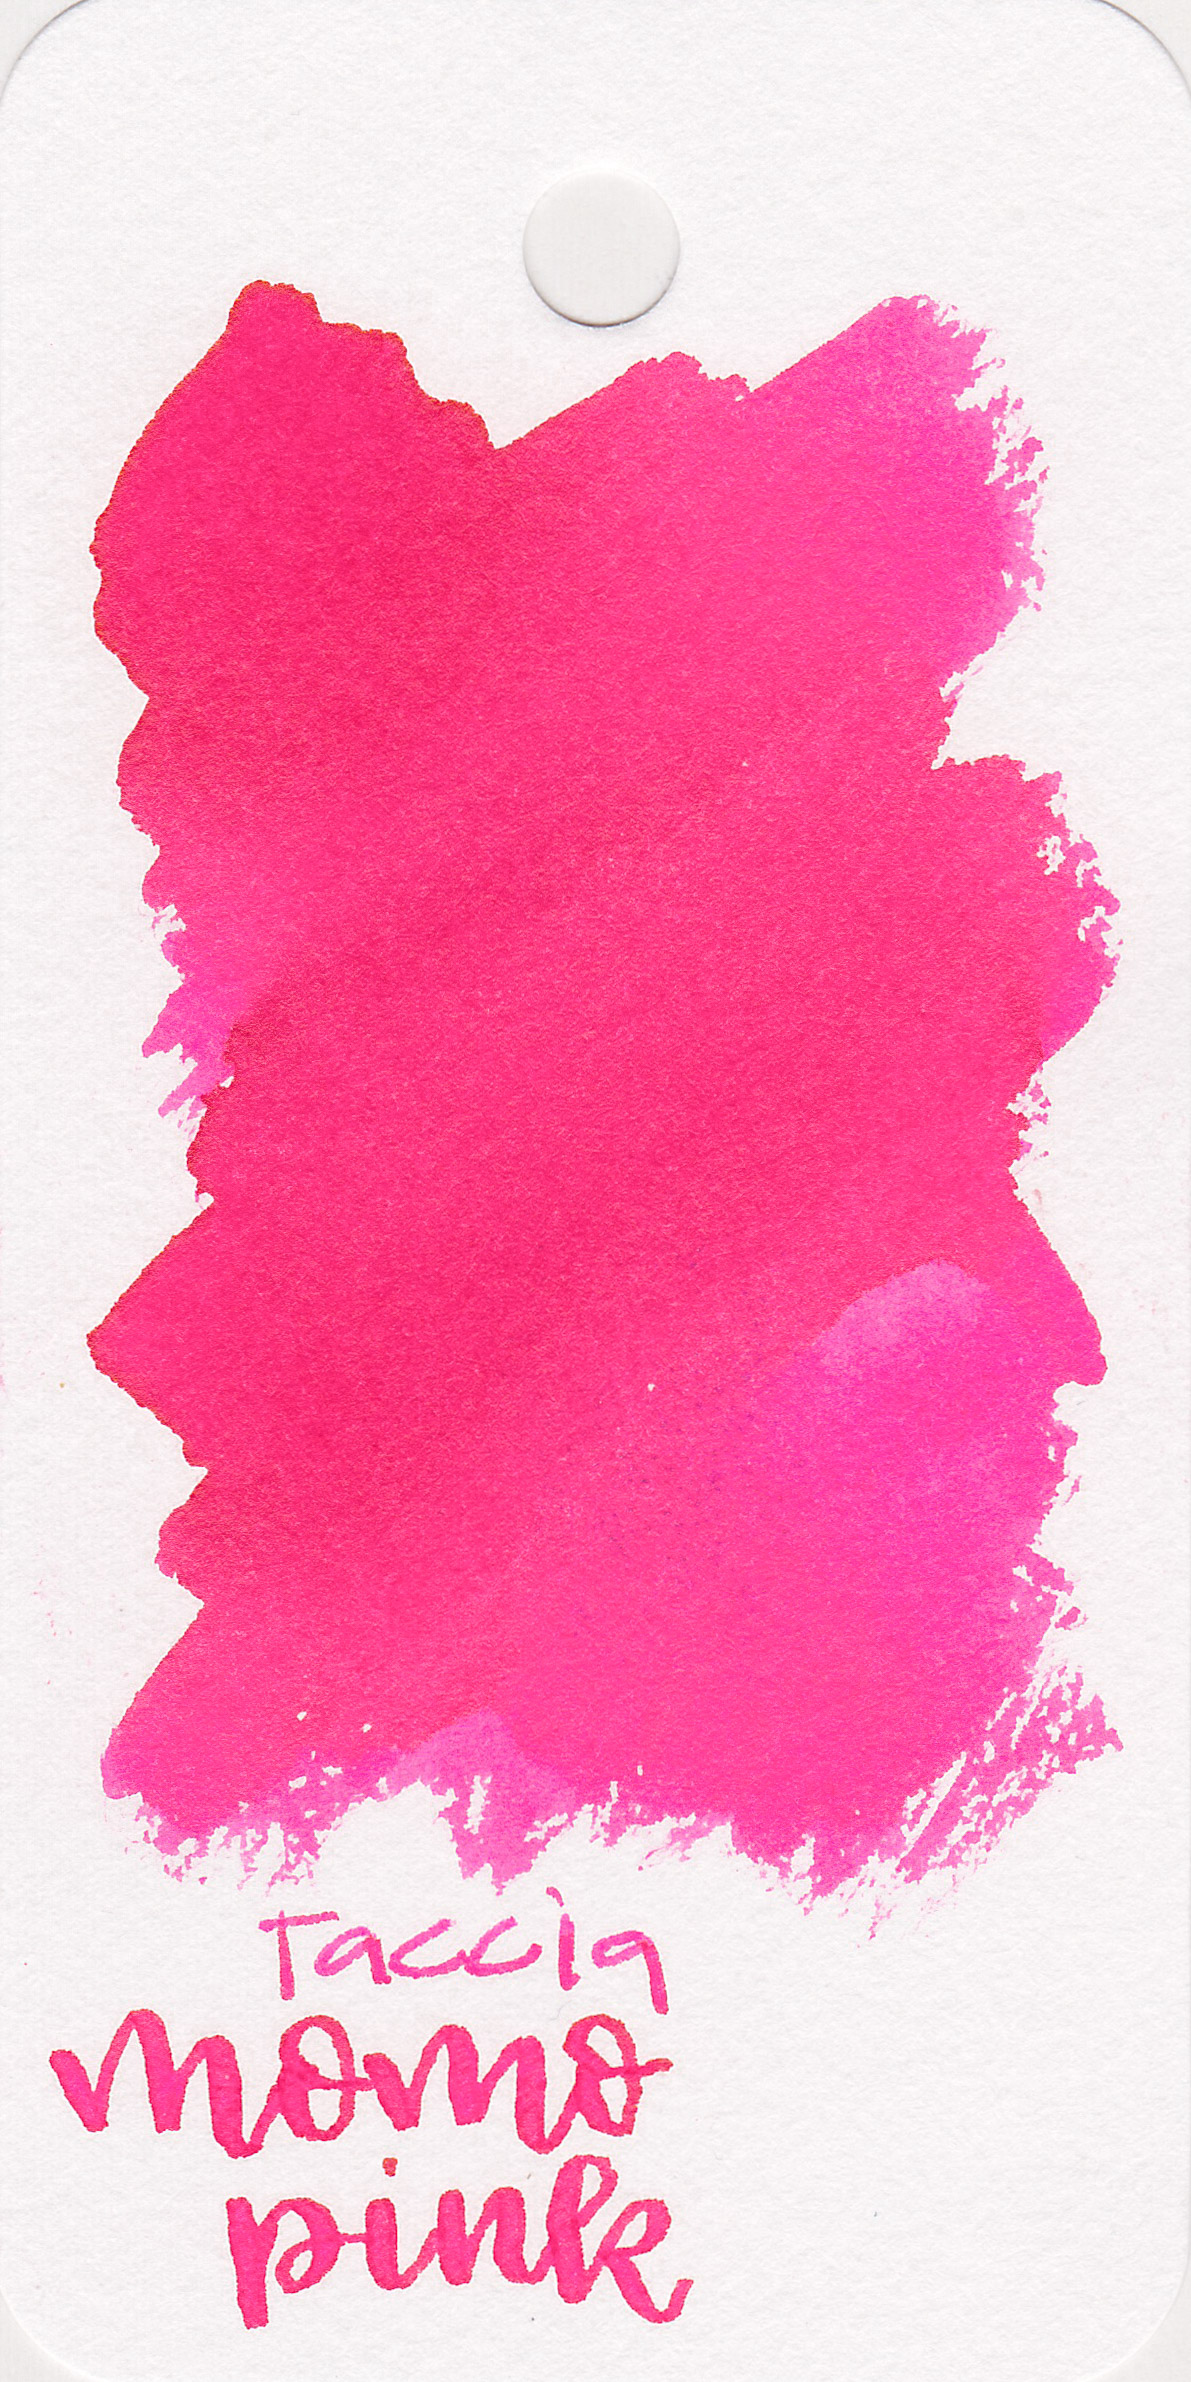 tac-momo-pink-1.jpg